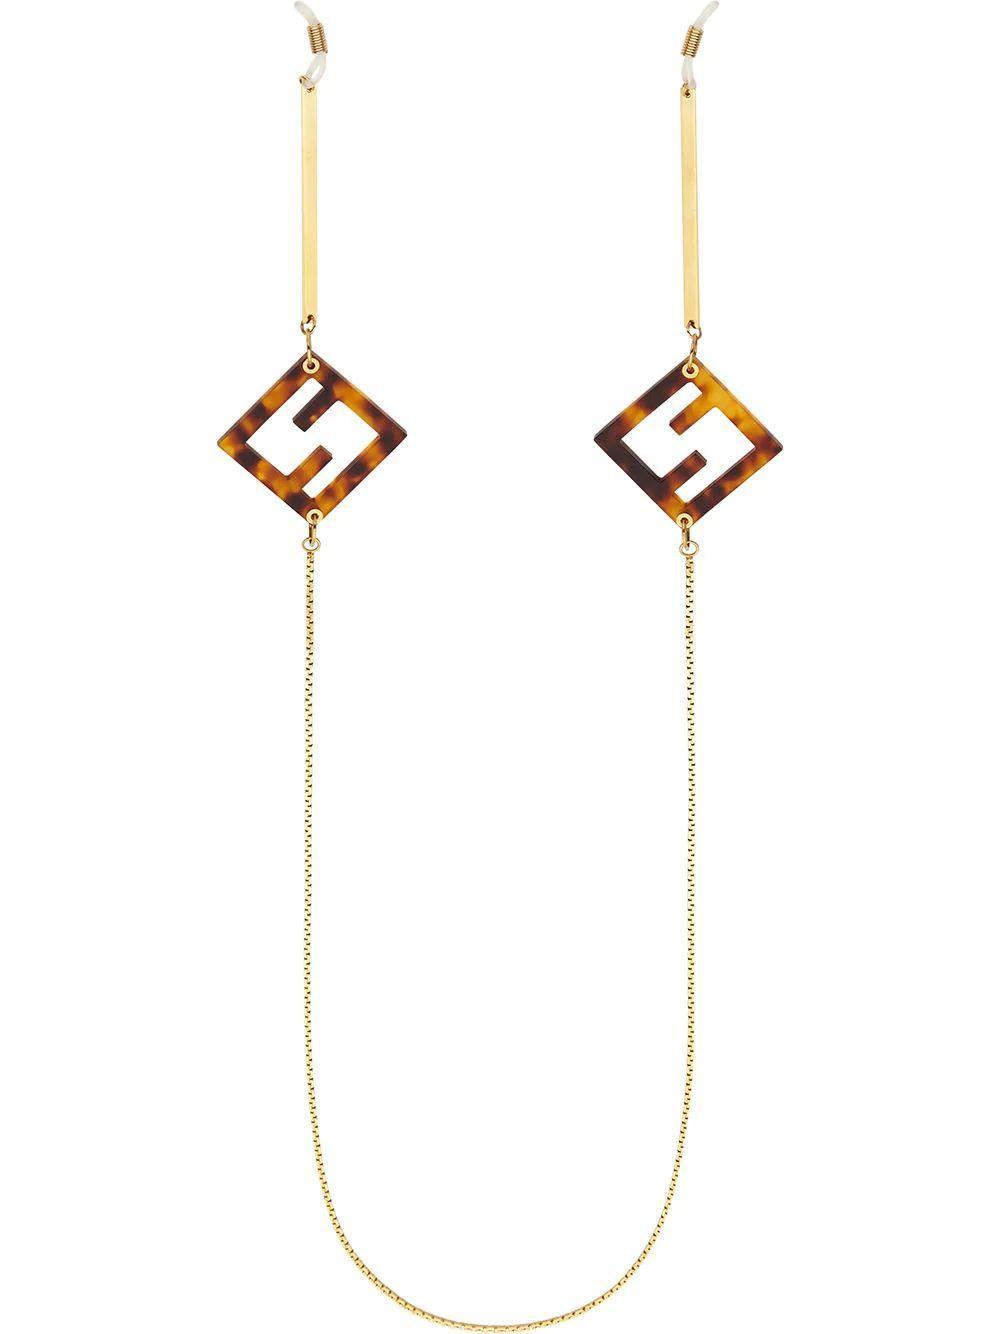 Metal/Plexi Pendant Necklace